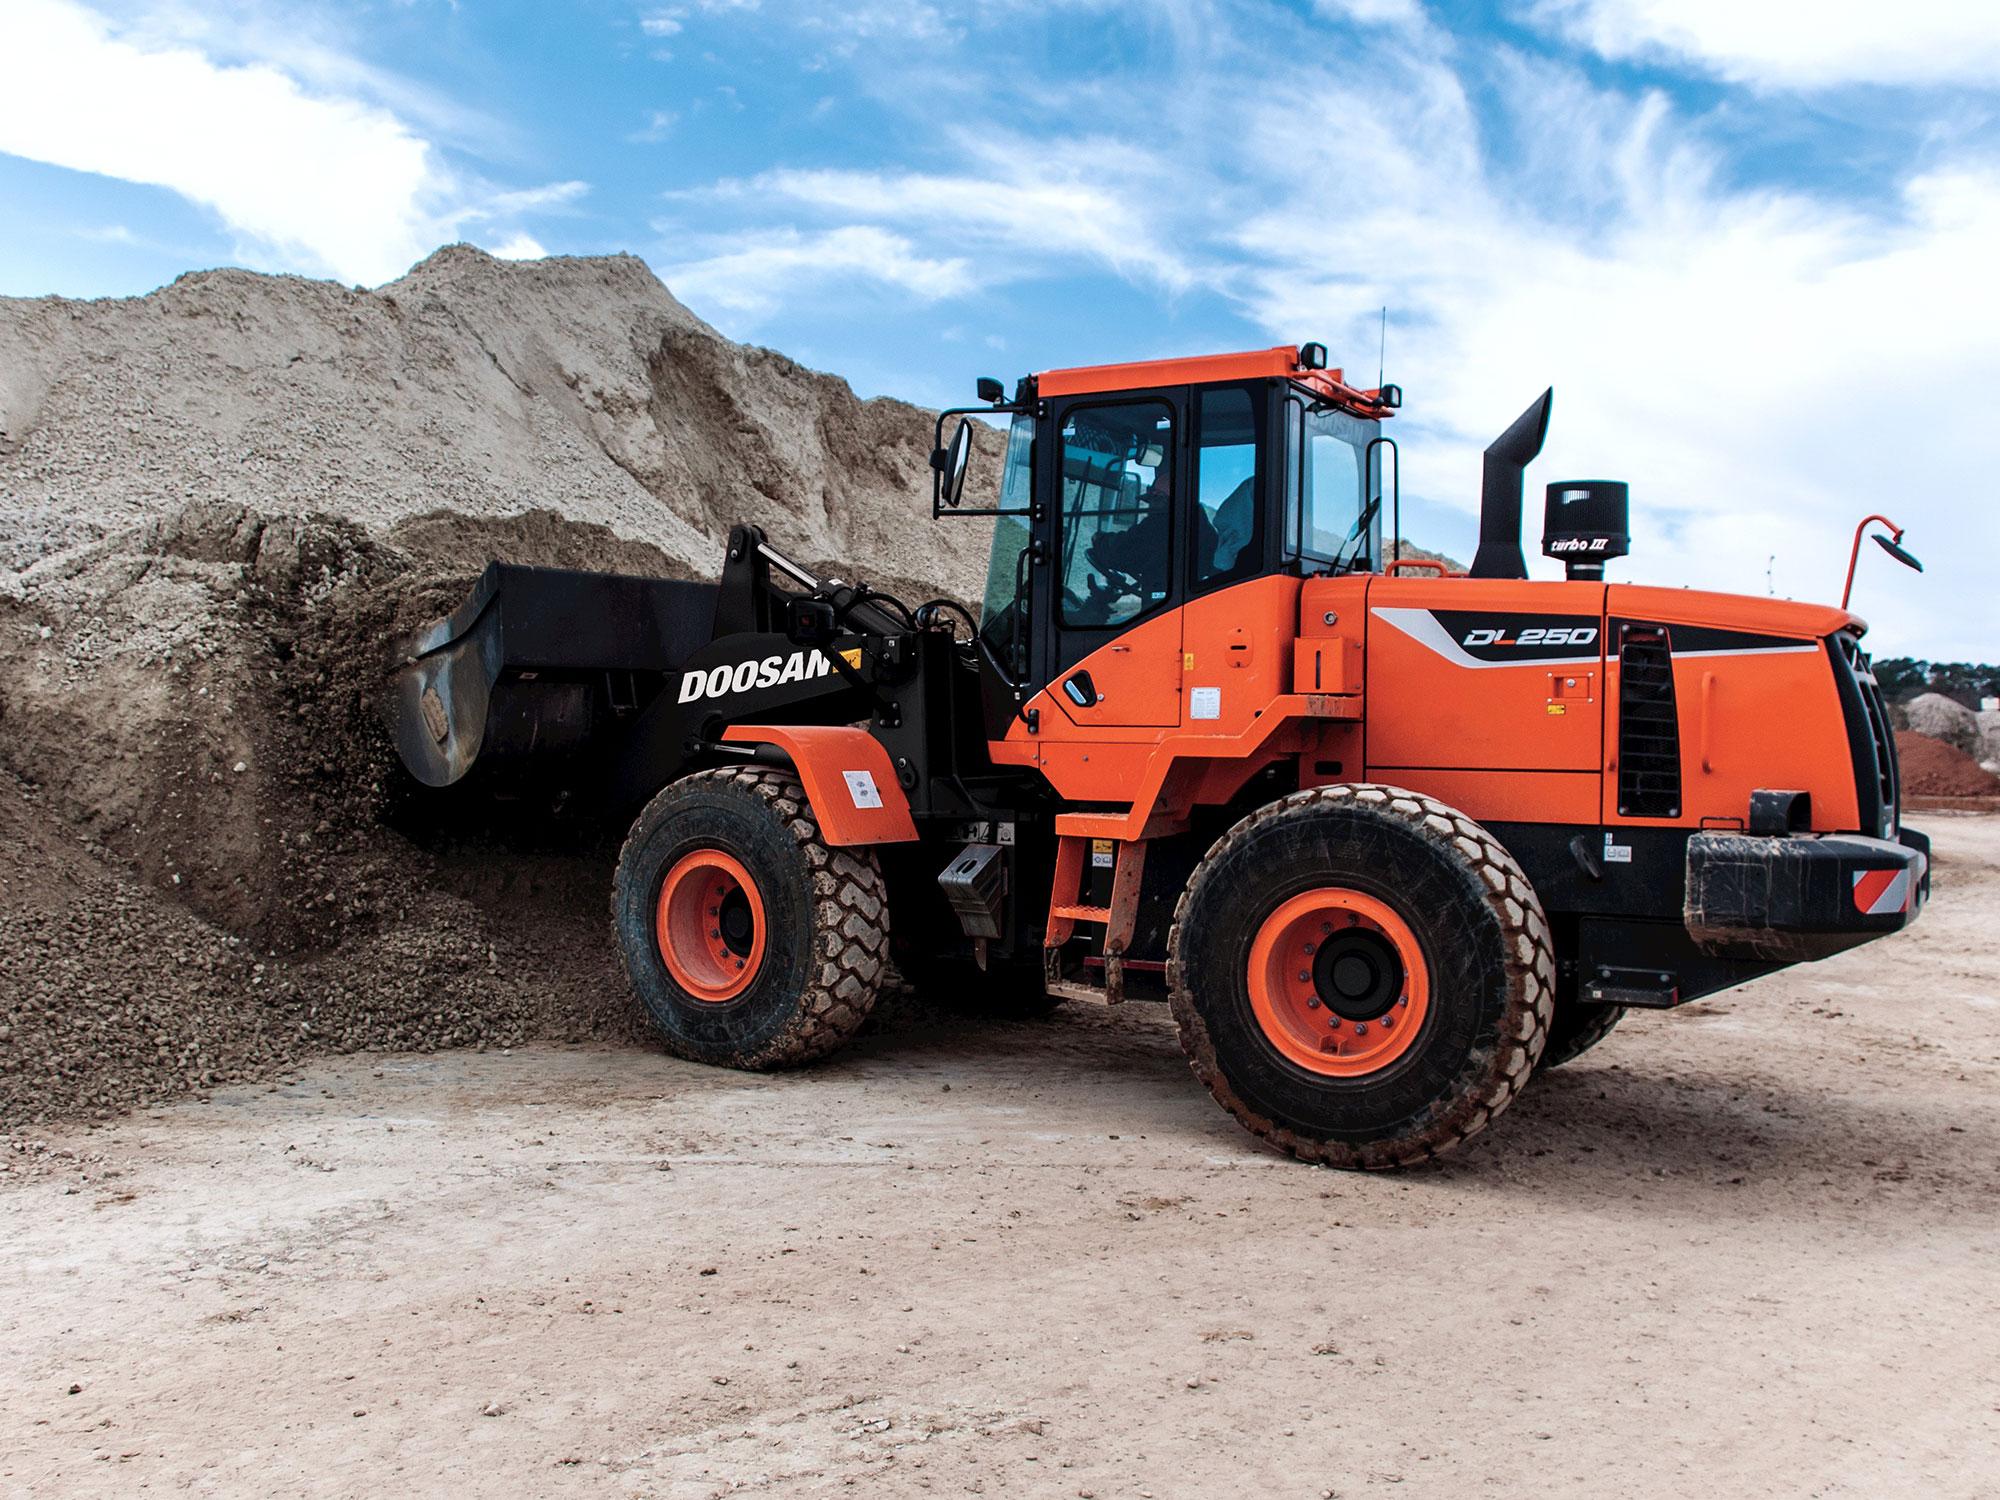 Wheel Loader digging up sand